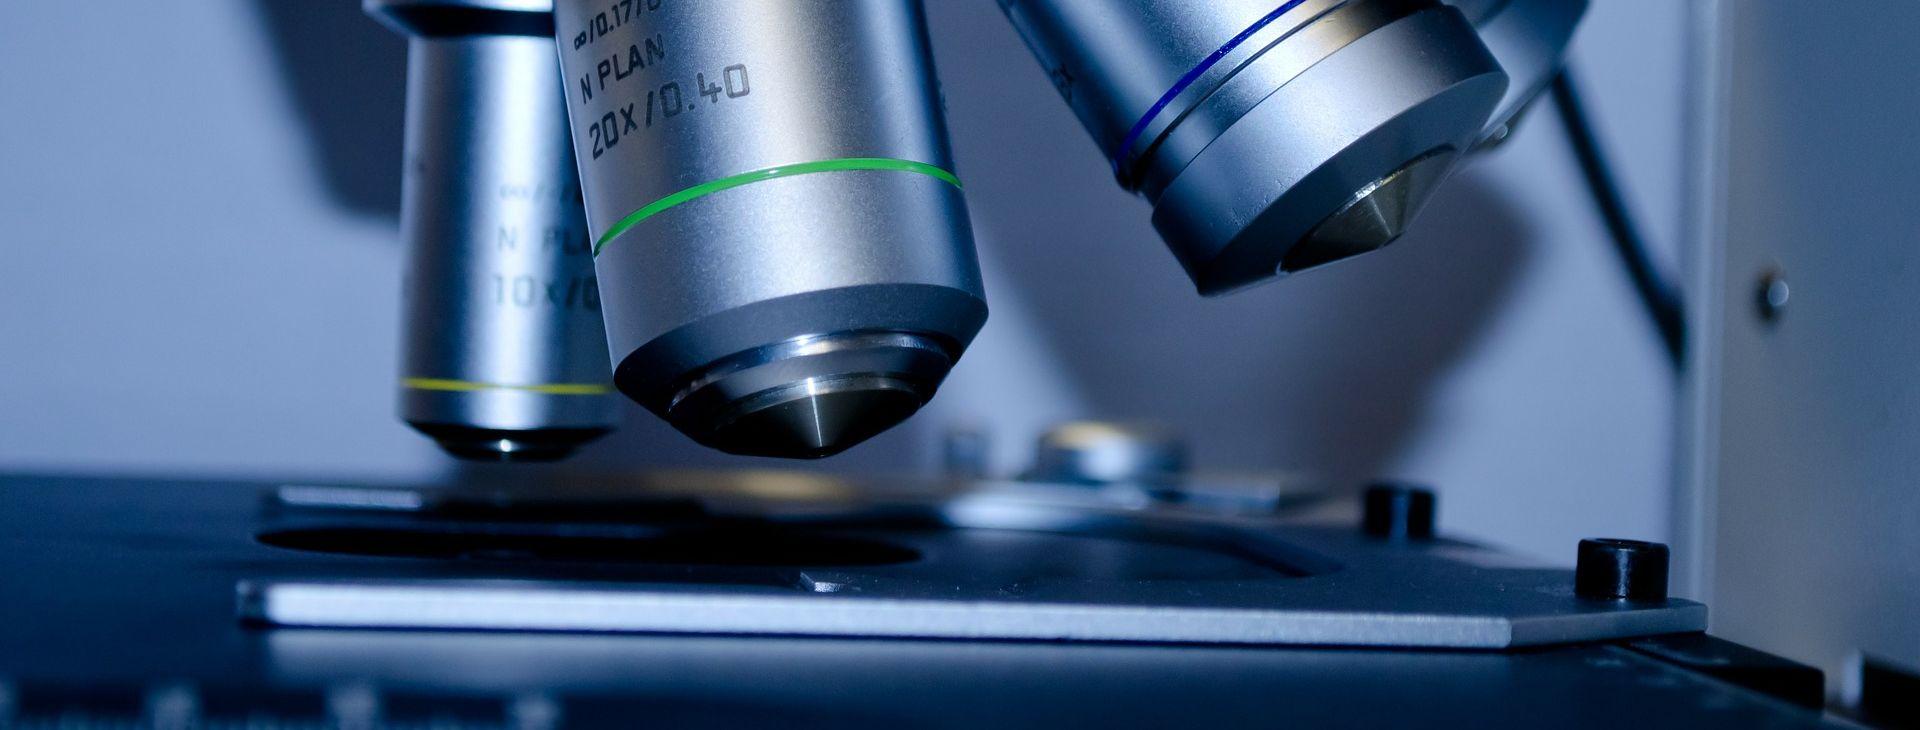 Nova pravila za povećanje broja kliničkih ispitivanja lijekova u RH